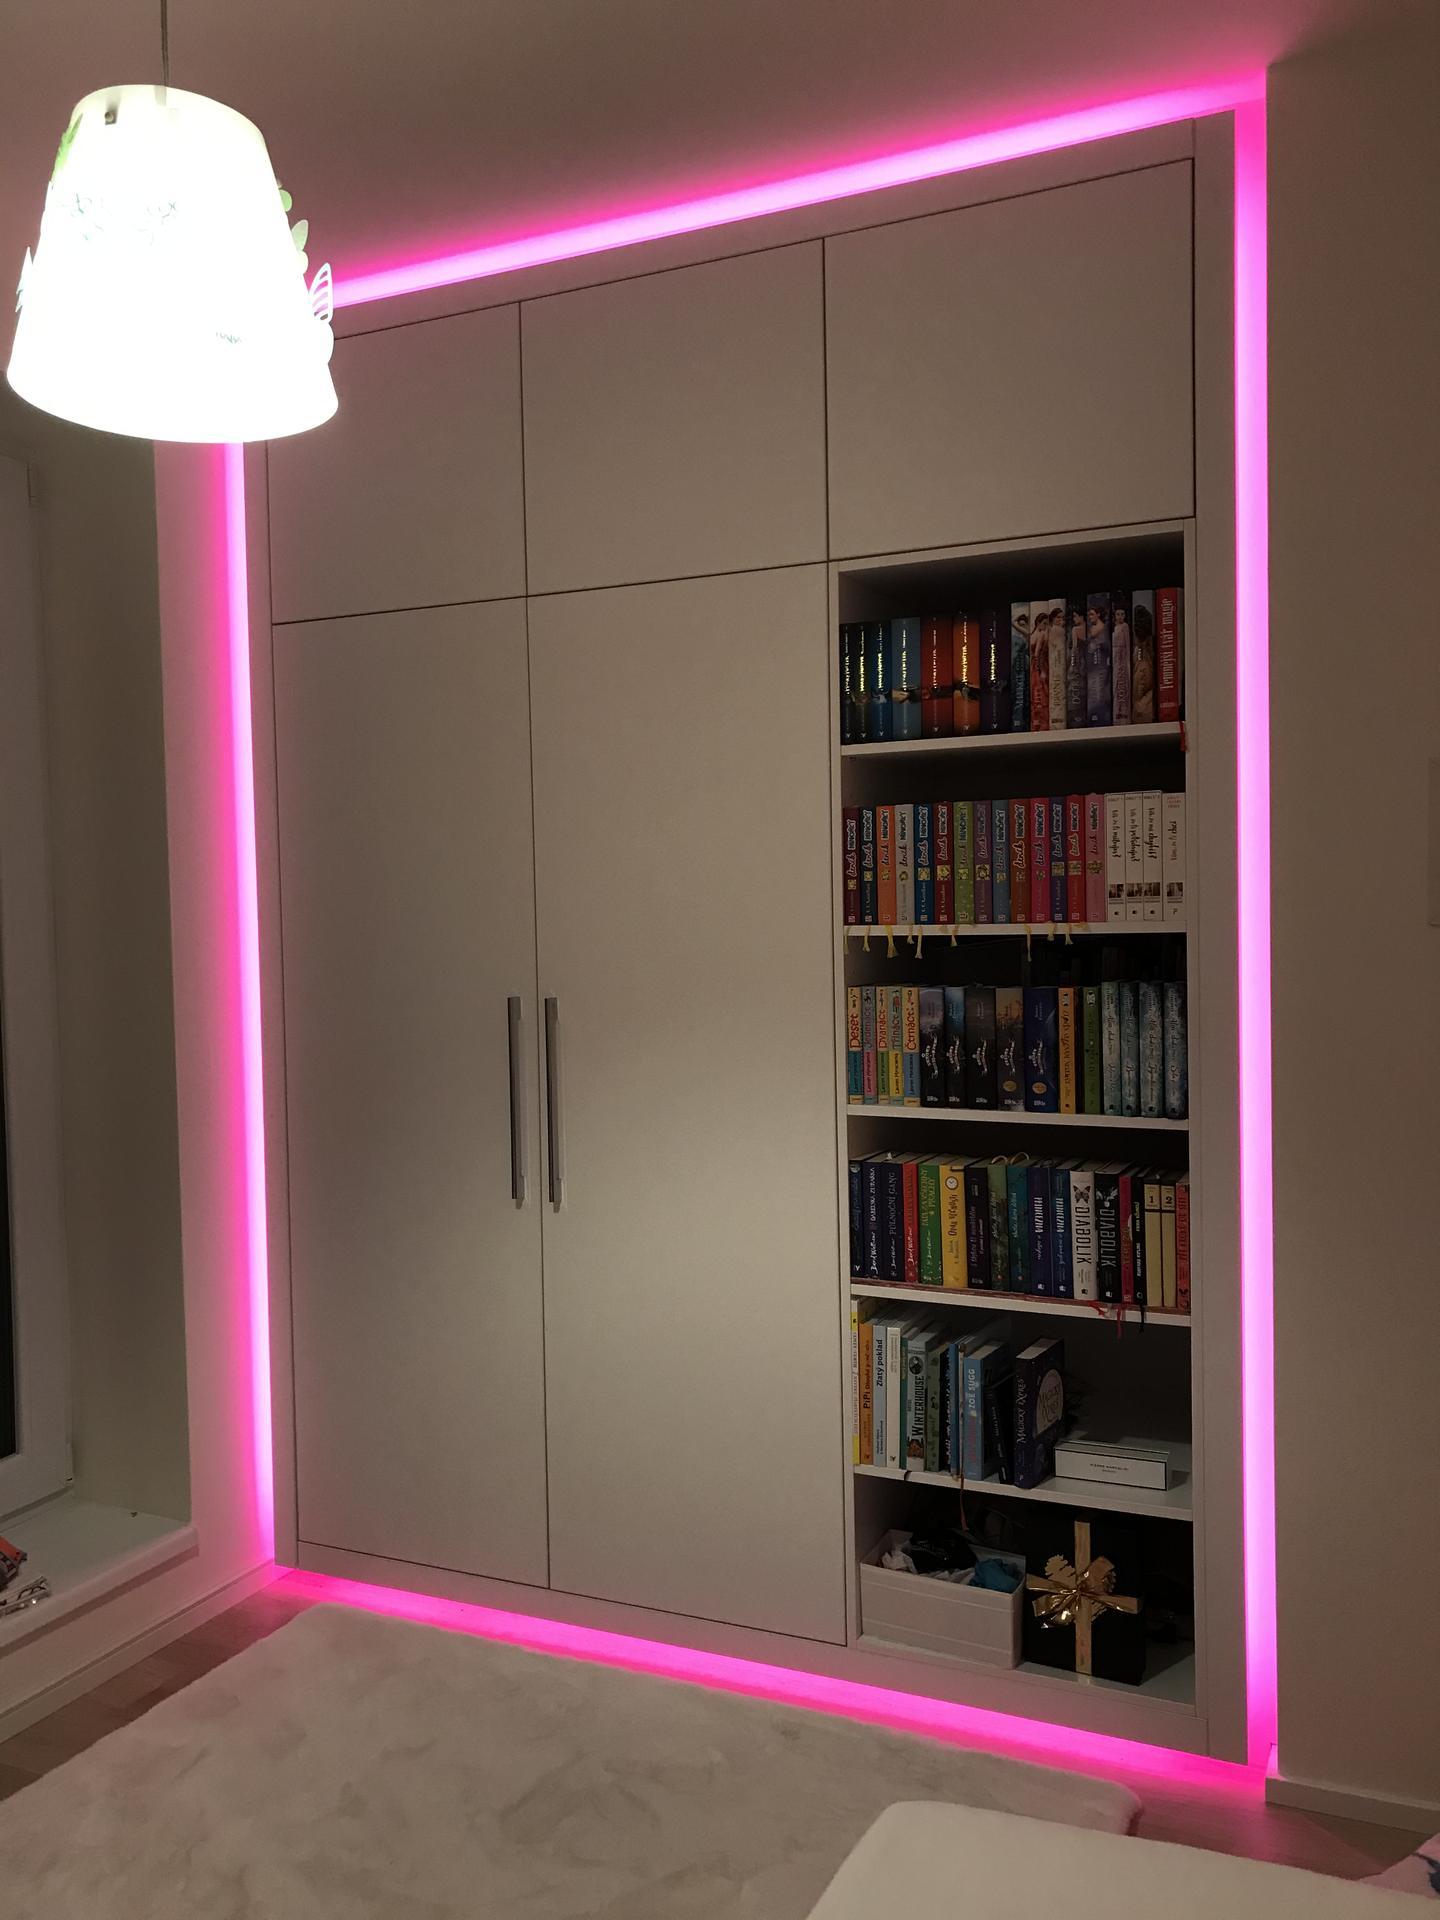 Vestavna skříň s knihovnou pro dceru.  Vychytavkou je led osvětlení kolem skříně ve 24 barvách:) Dcera sedí s dálkovým ovladačem na posteli a mění si barvičky dle nálady:) - Obrázek č. 1